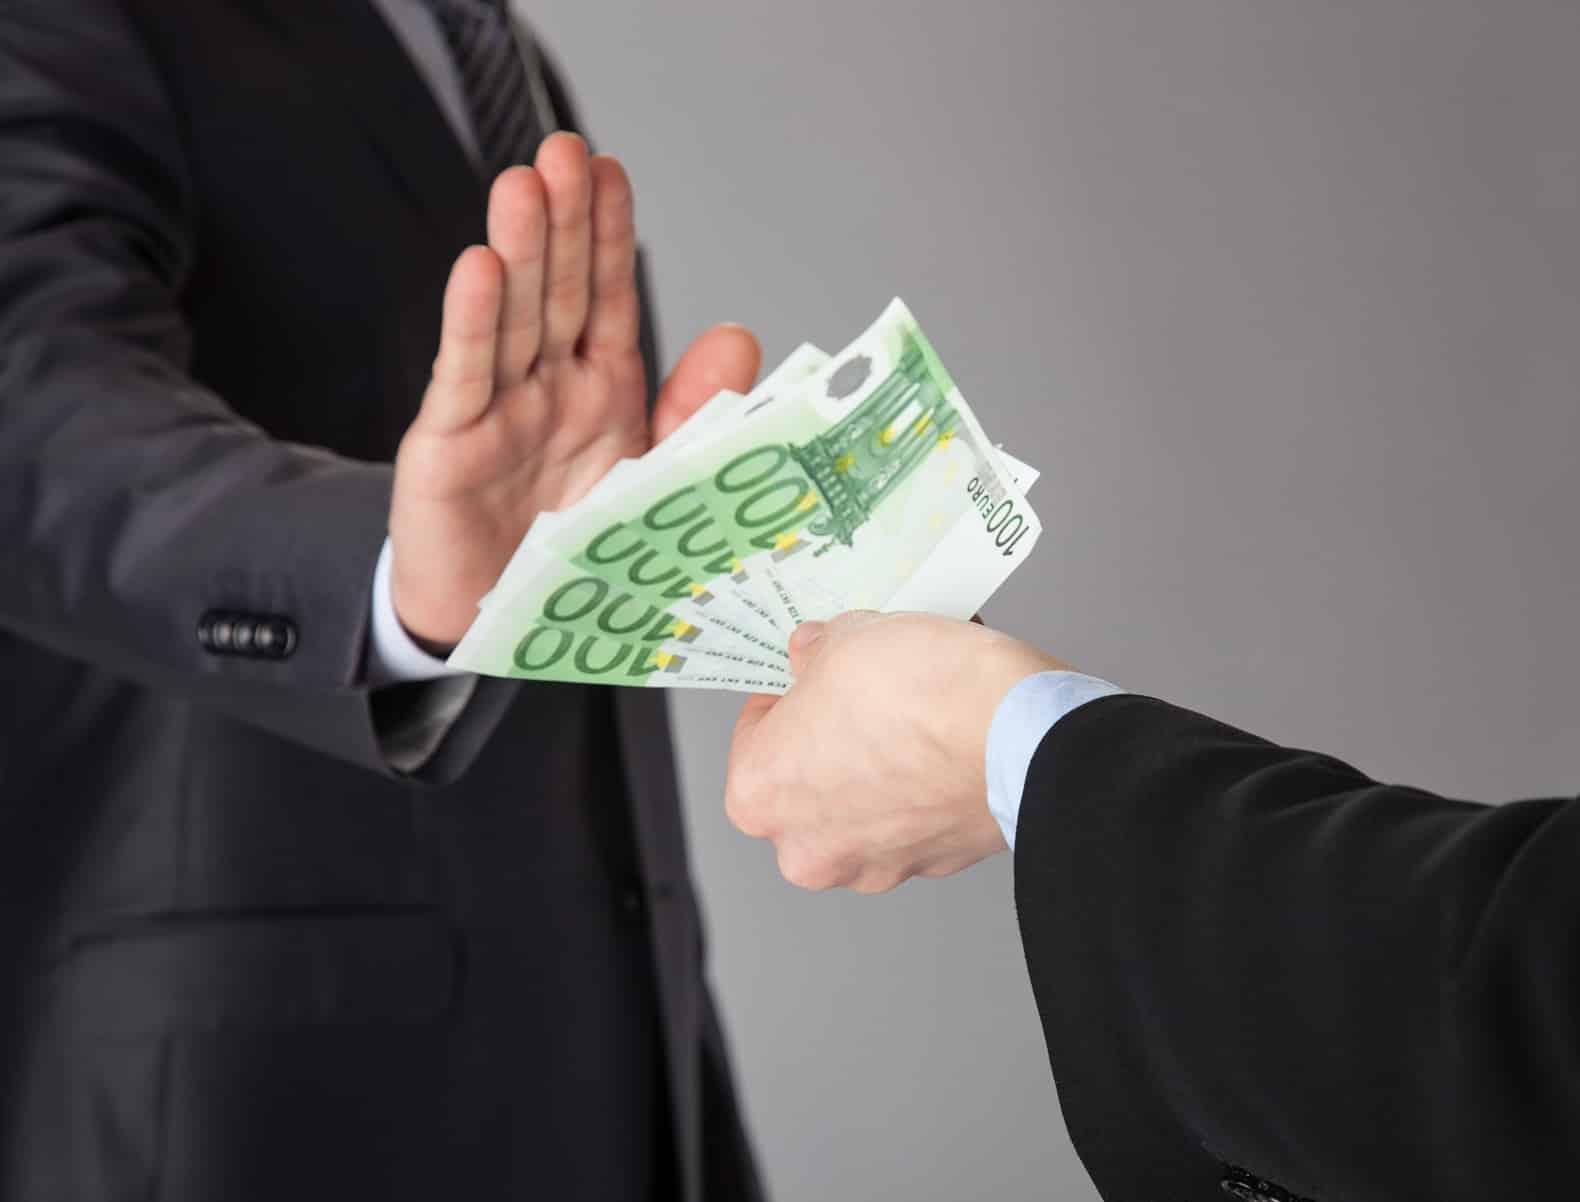 eerlijk zijn of smeergeld?